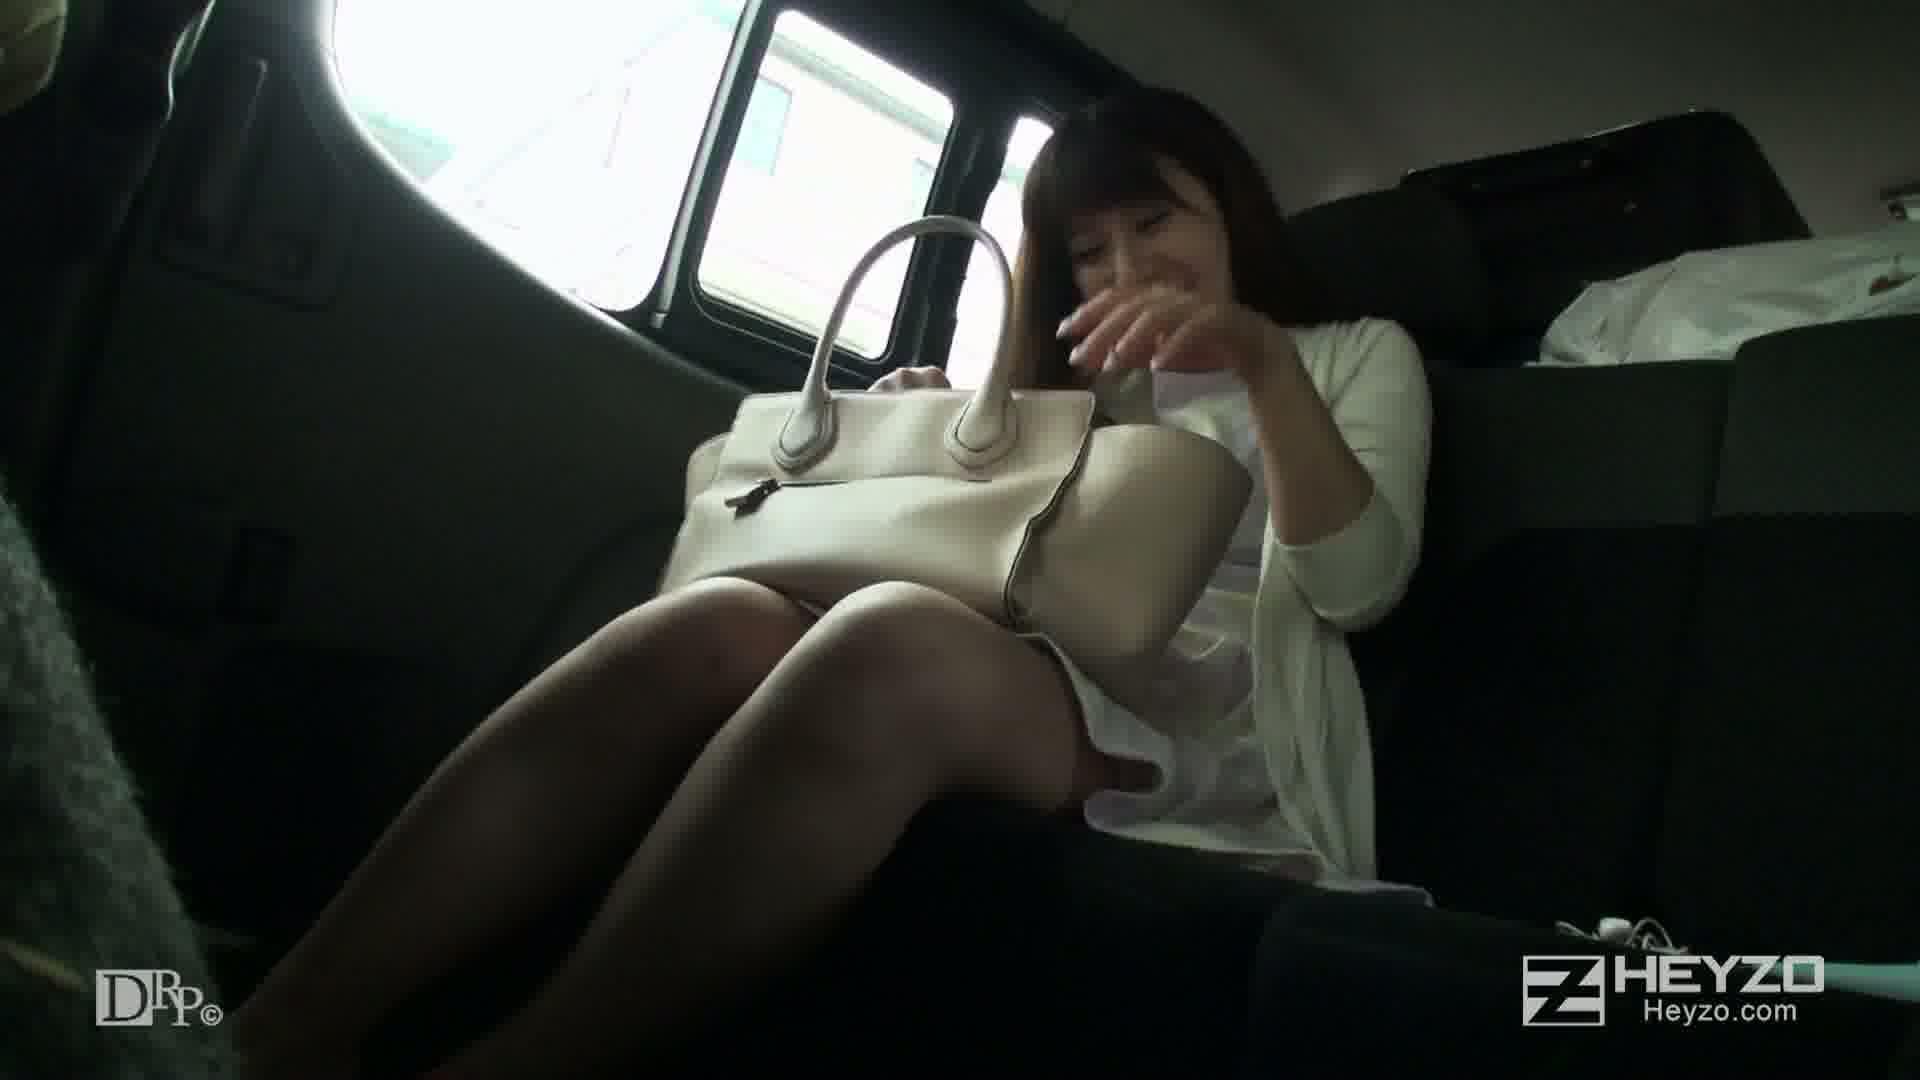 中出し魂~ゴムはこっそり外します~Vol.2 - 前原沙良【ナンパ 車内 インタビュー】